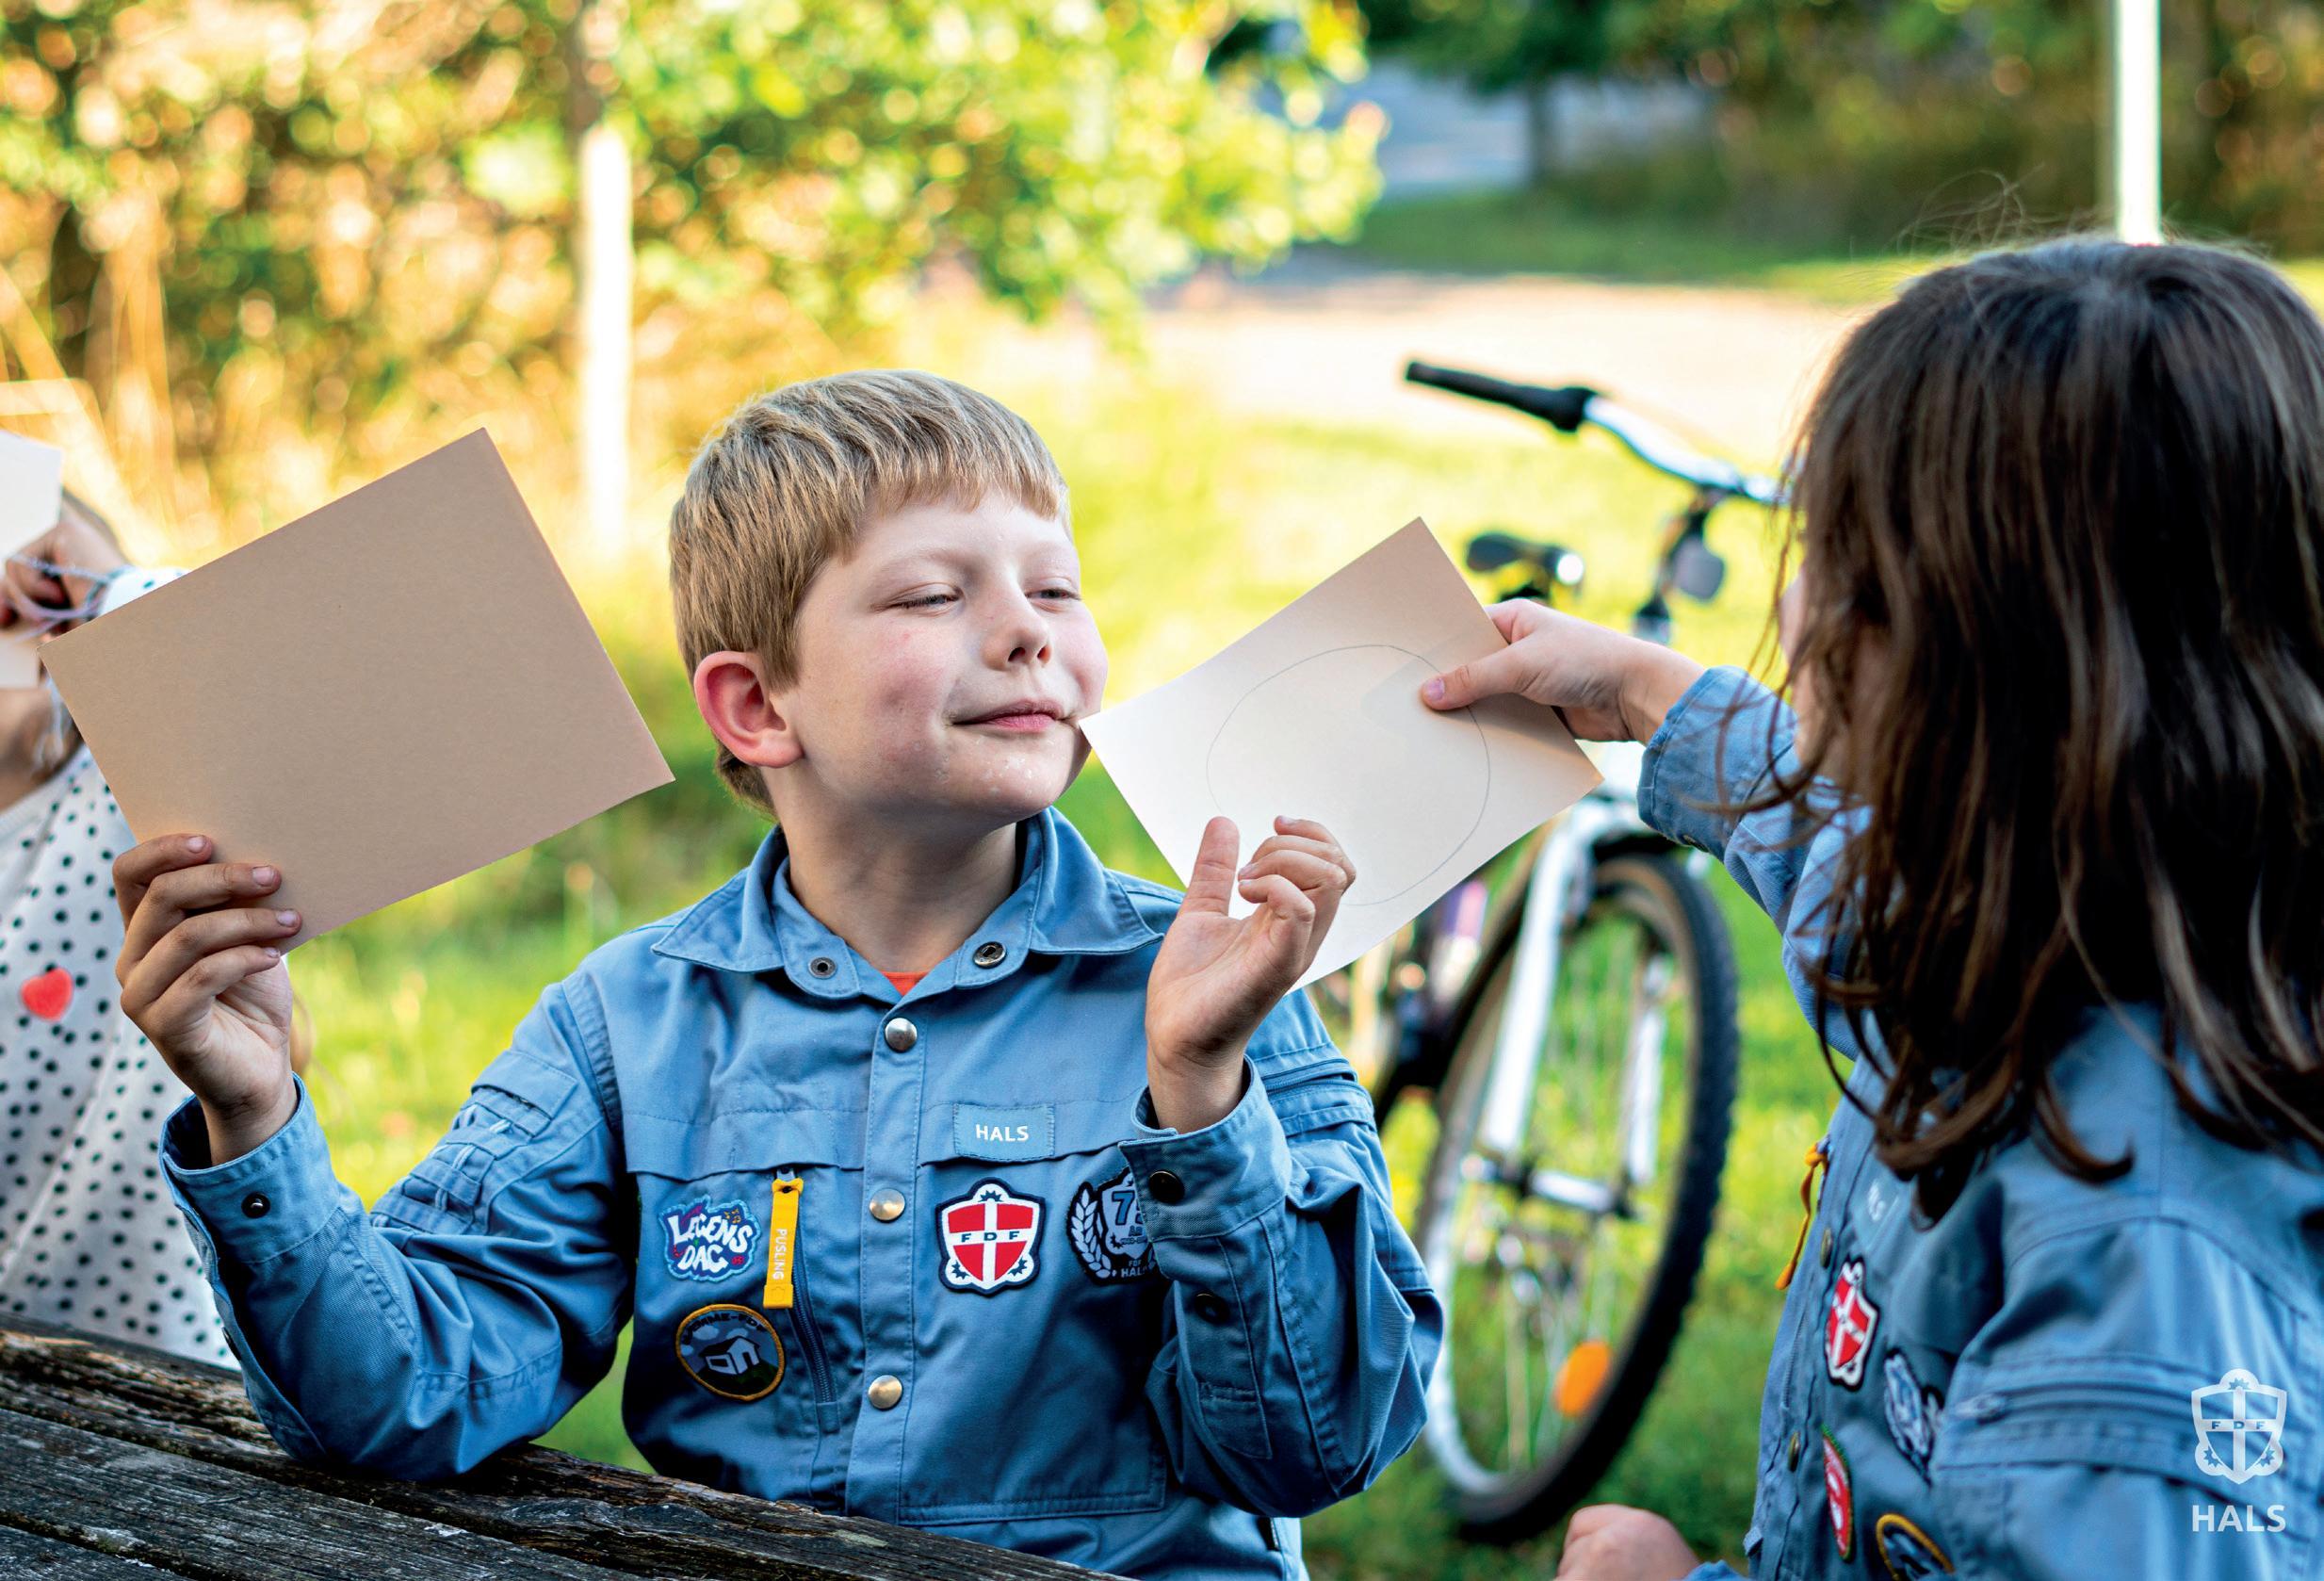 Page 38 of DEN BLÅ KASSE. KREA-KLIP